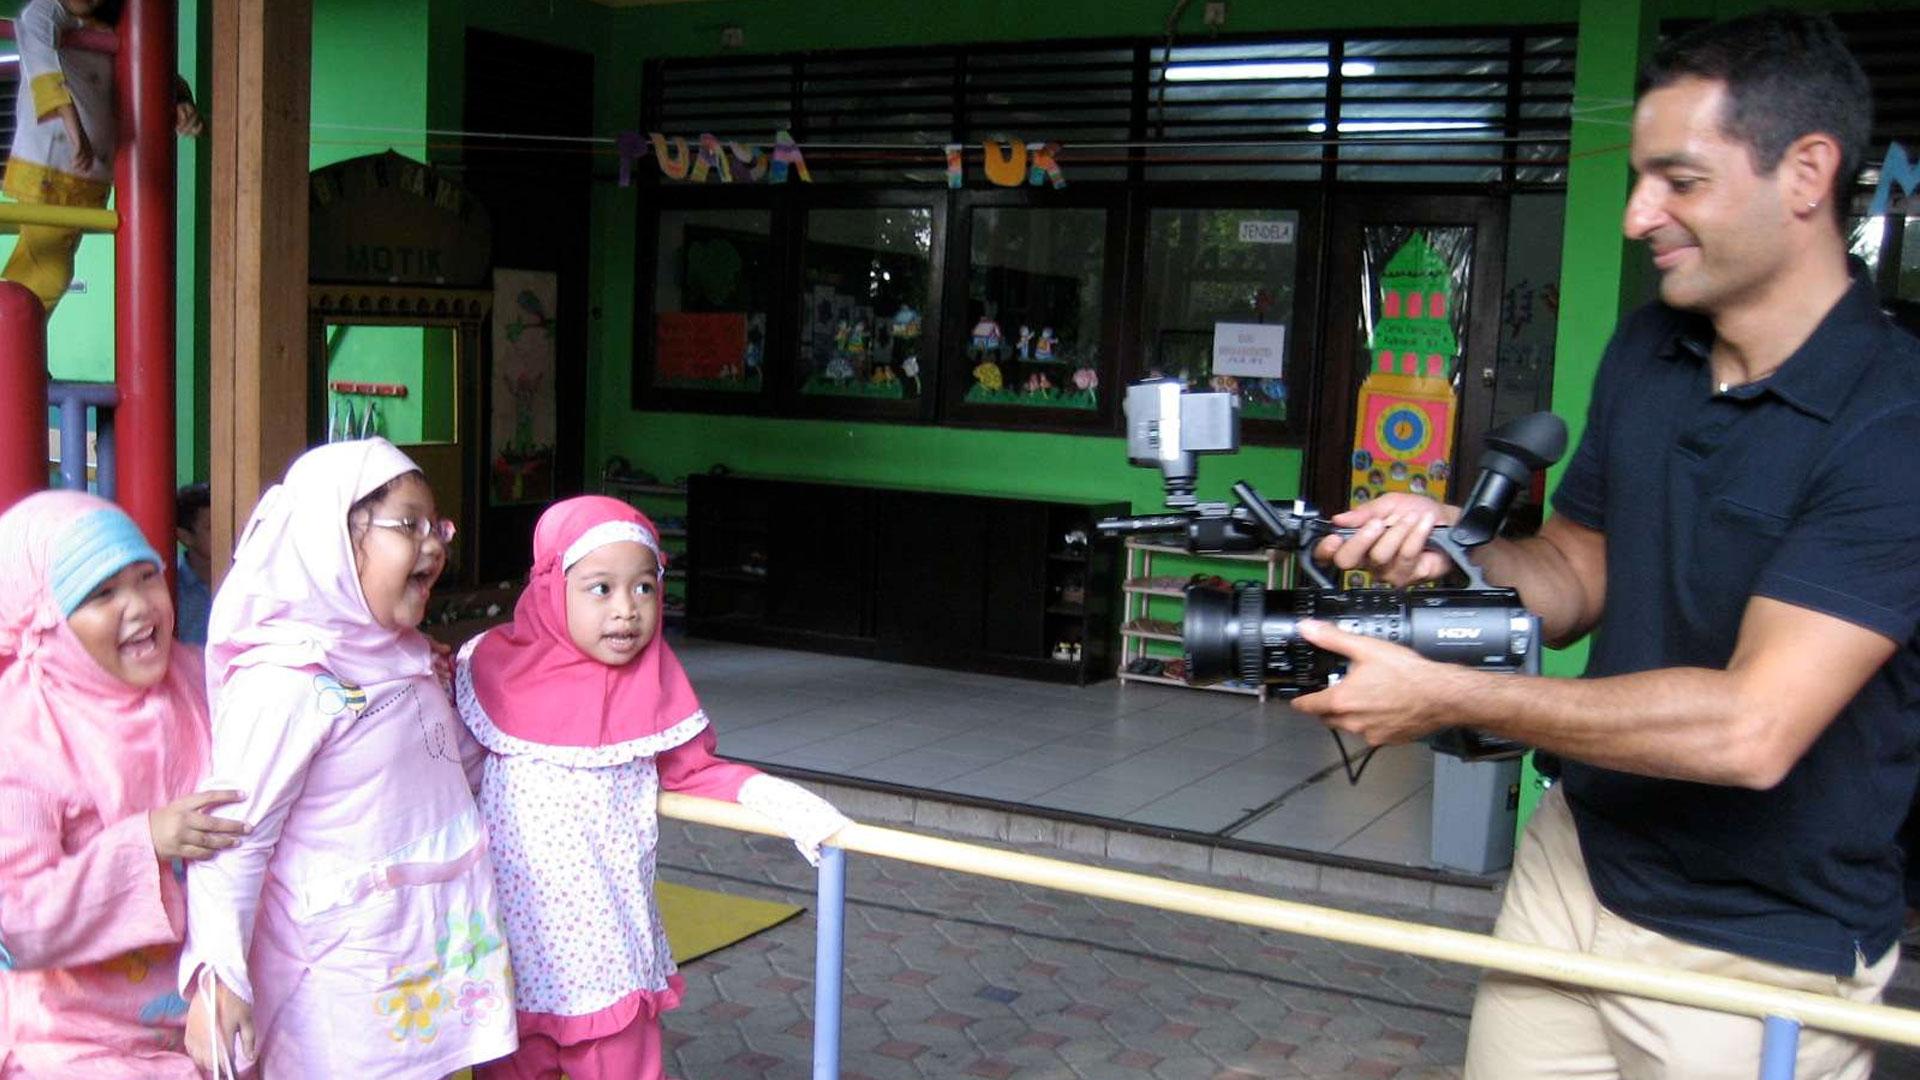 Wham Bam Islam! filmmaker Isaac Solotaroff